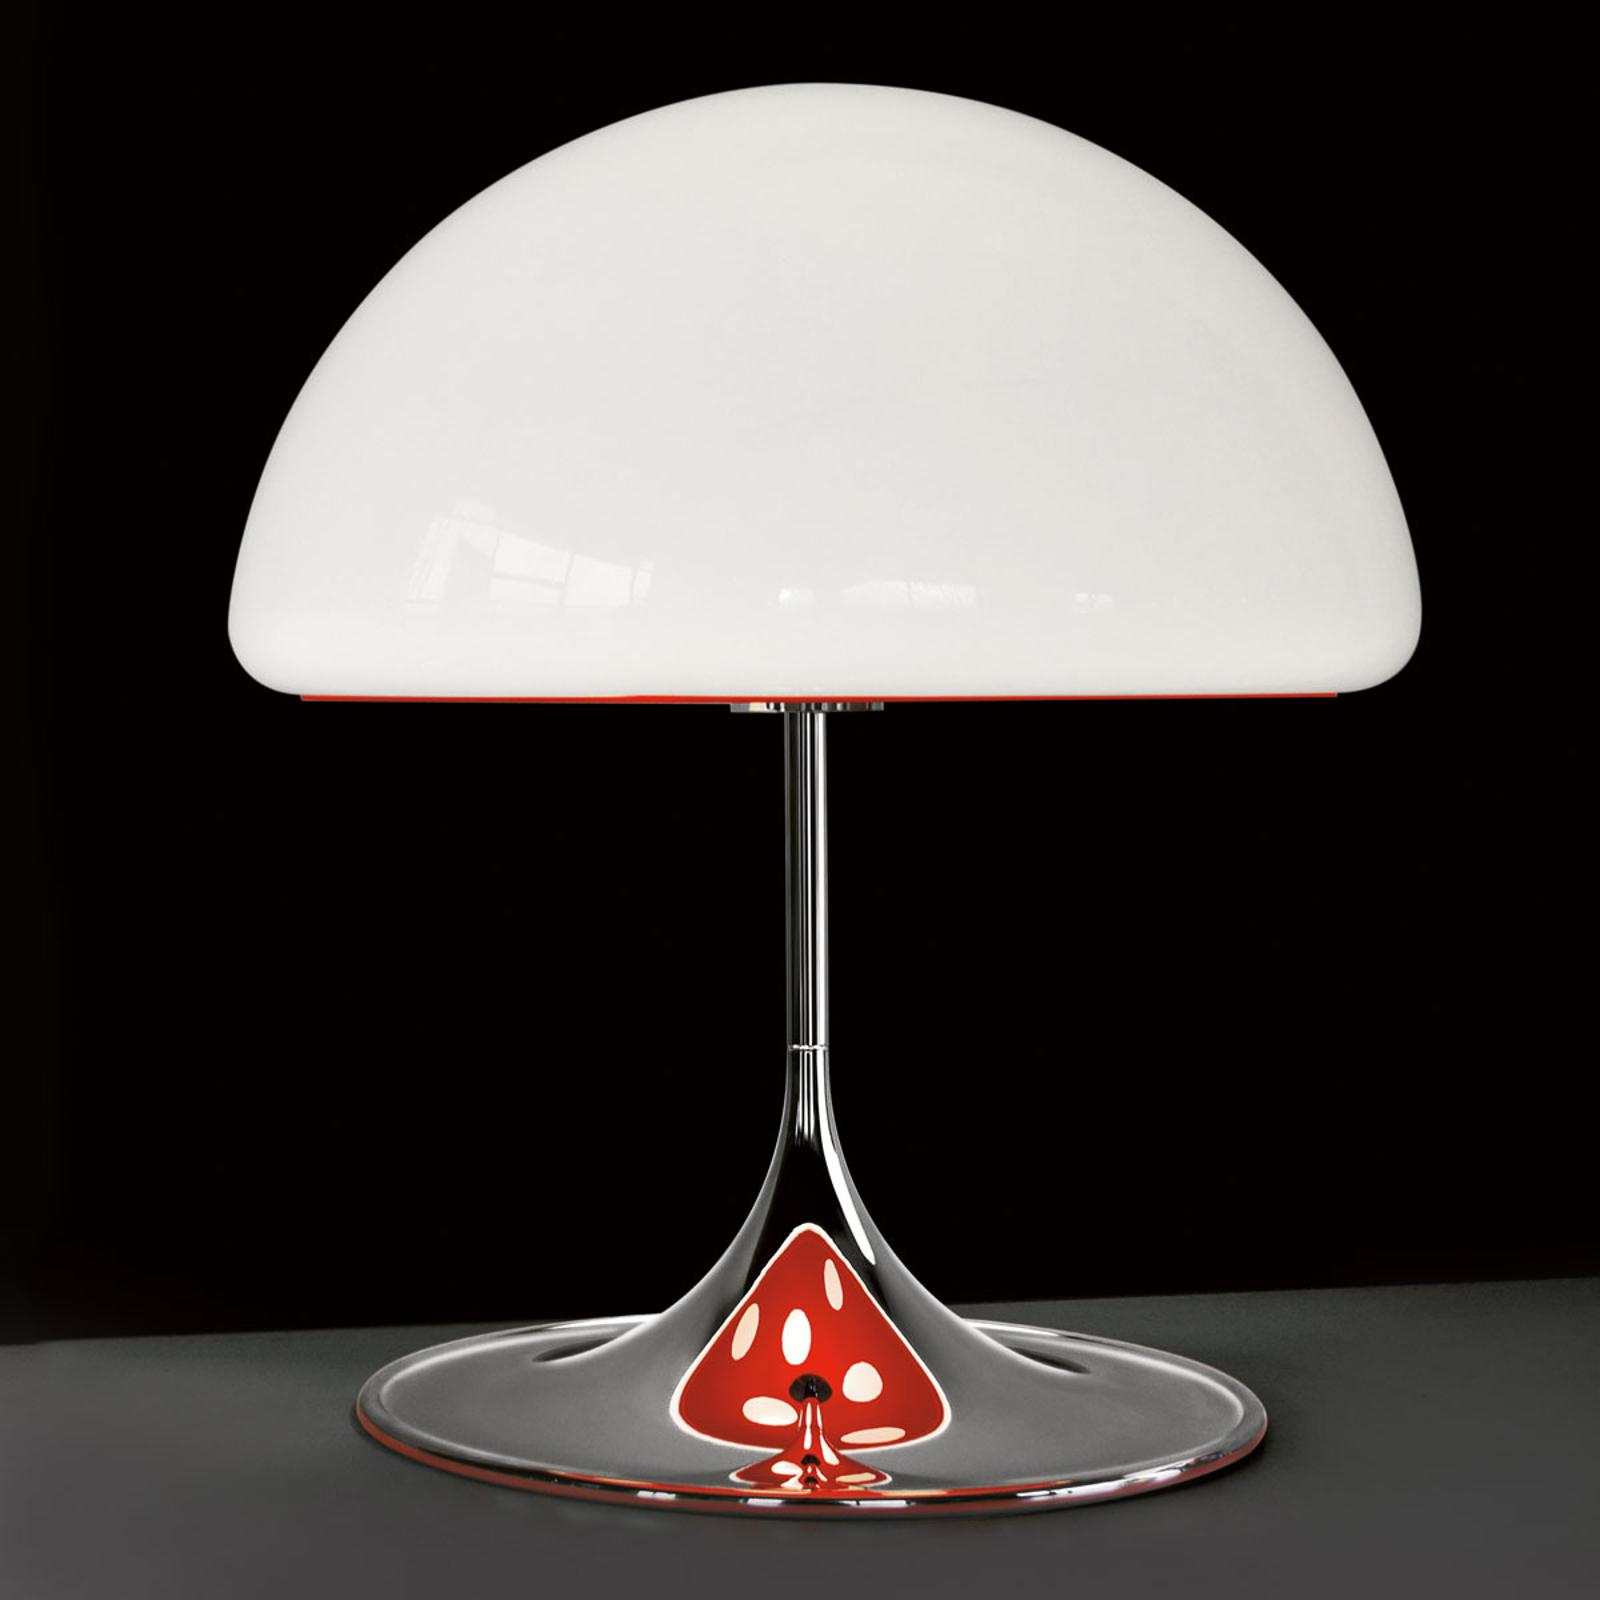 Martinelli Luce Mico - Tischleuchte, 60 cm, rot